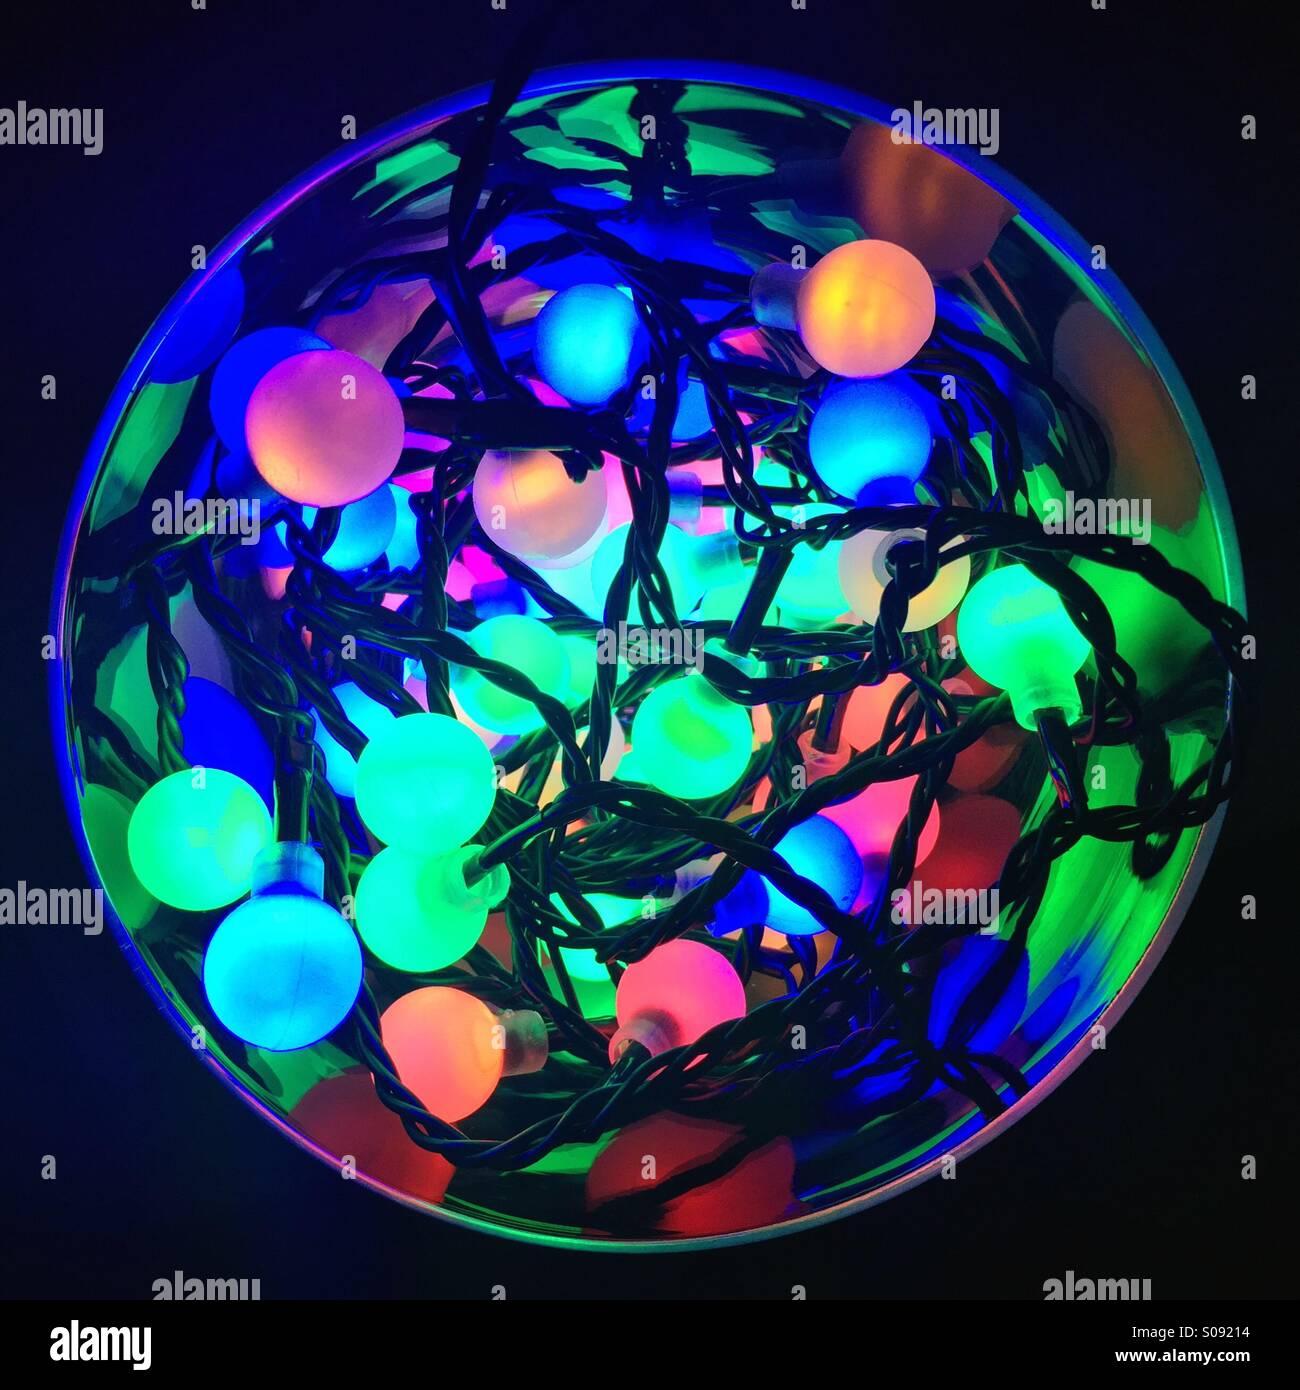 Couleur de fête des lumières dans un bol en verre Photo Stock